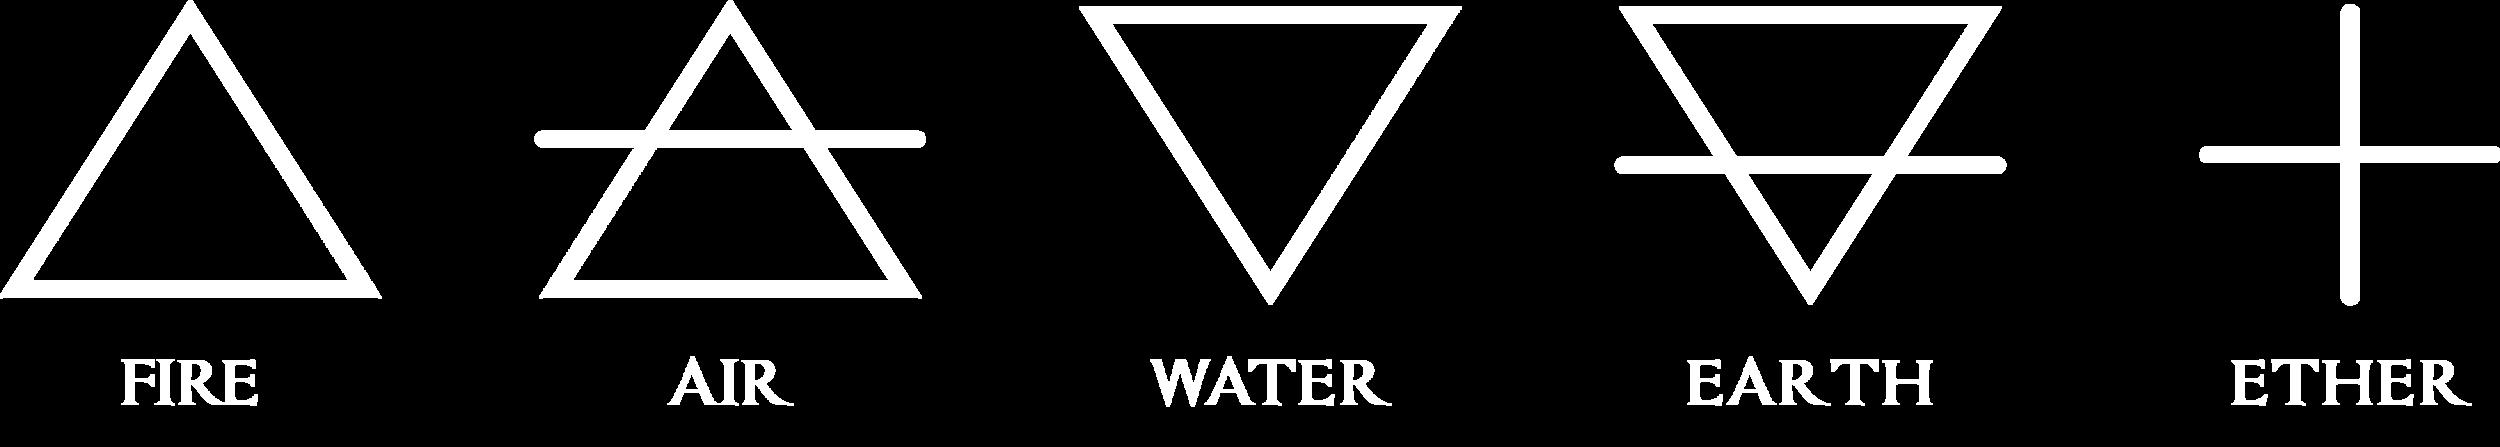 MB_Symbols